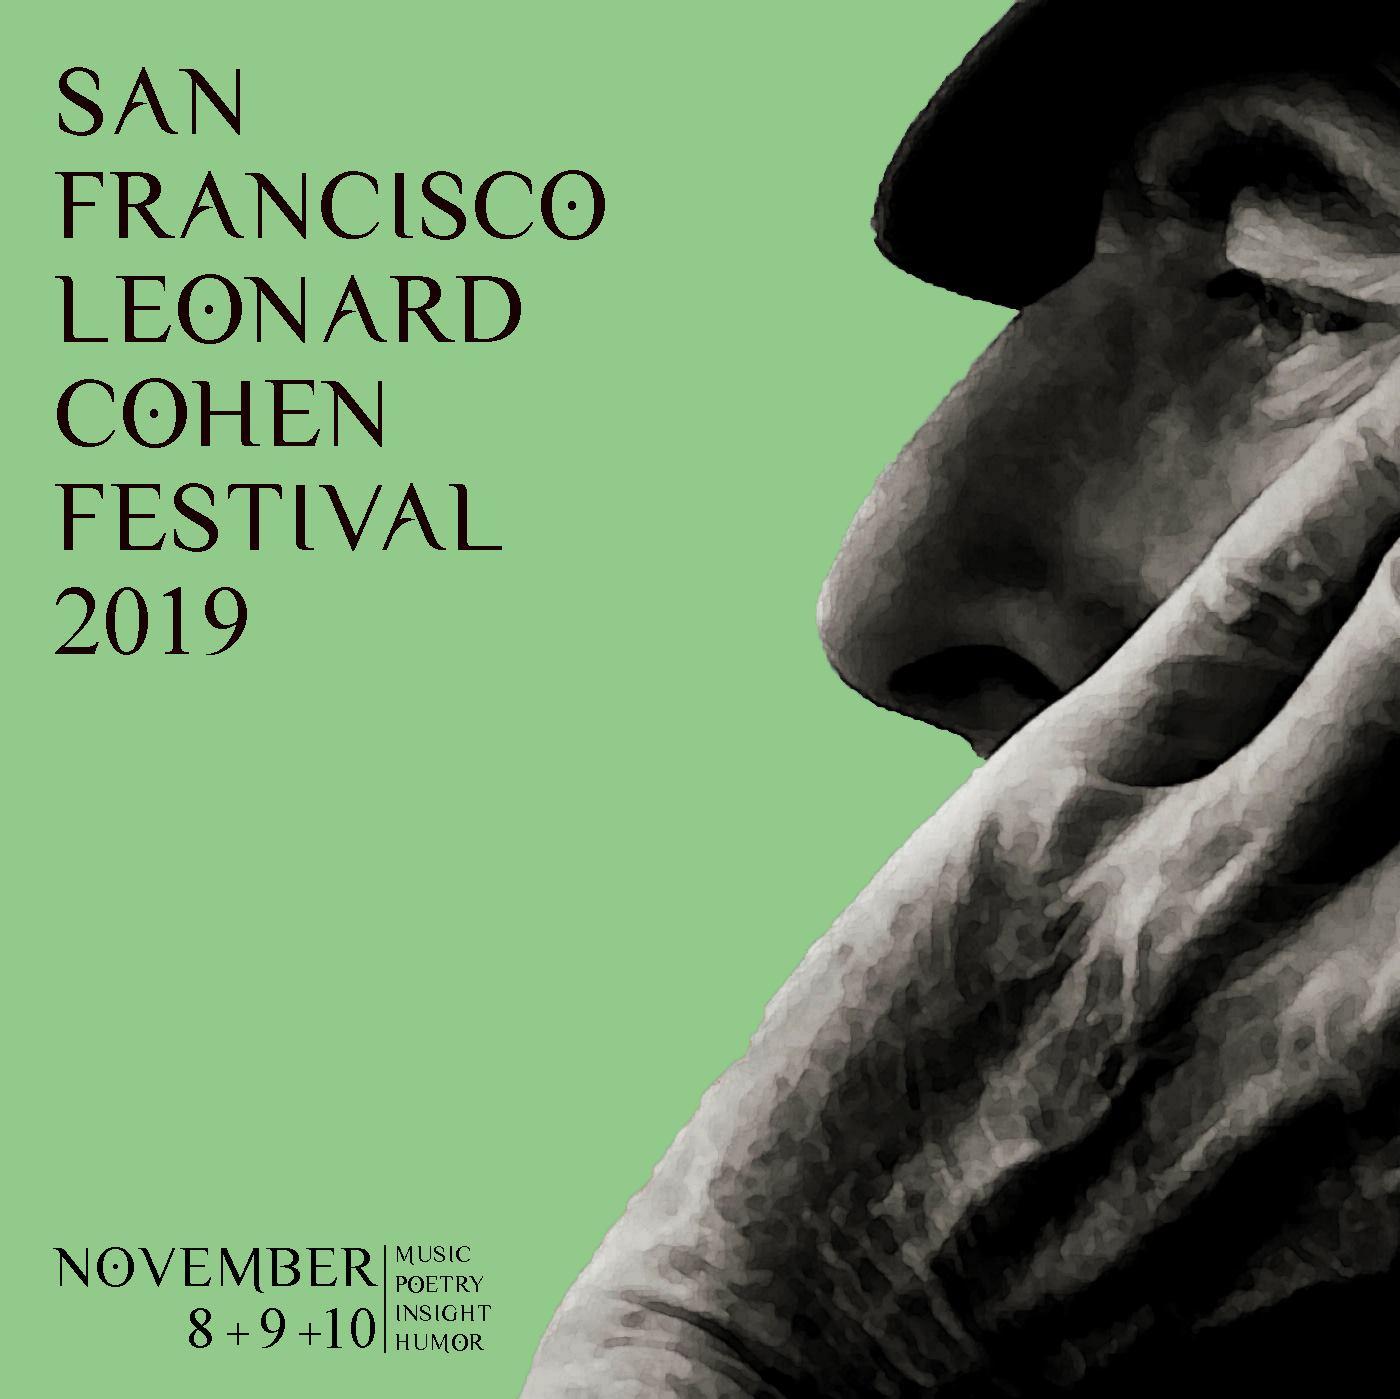 flier for the San Francisco Leonard Cohen Festival 2019